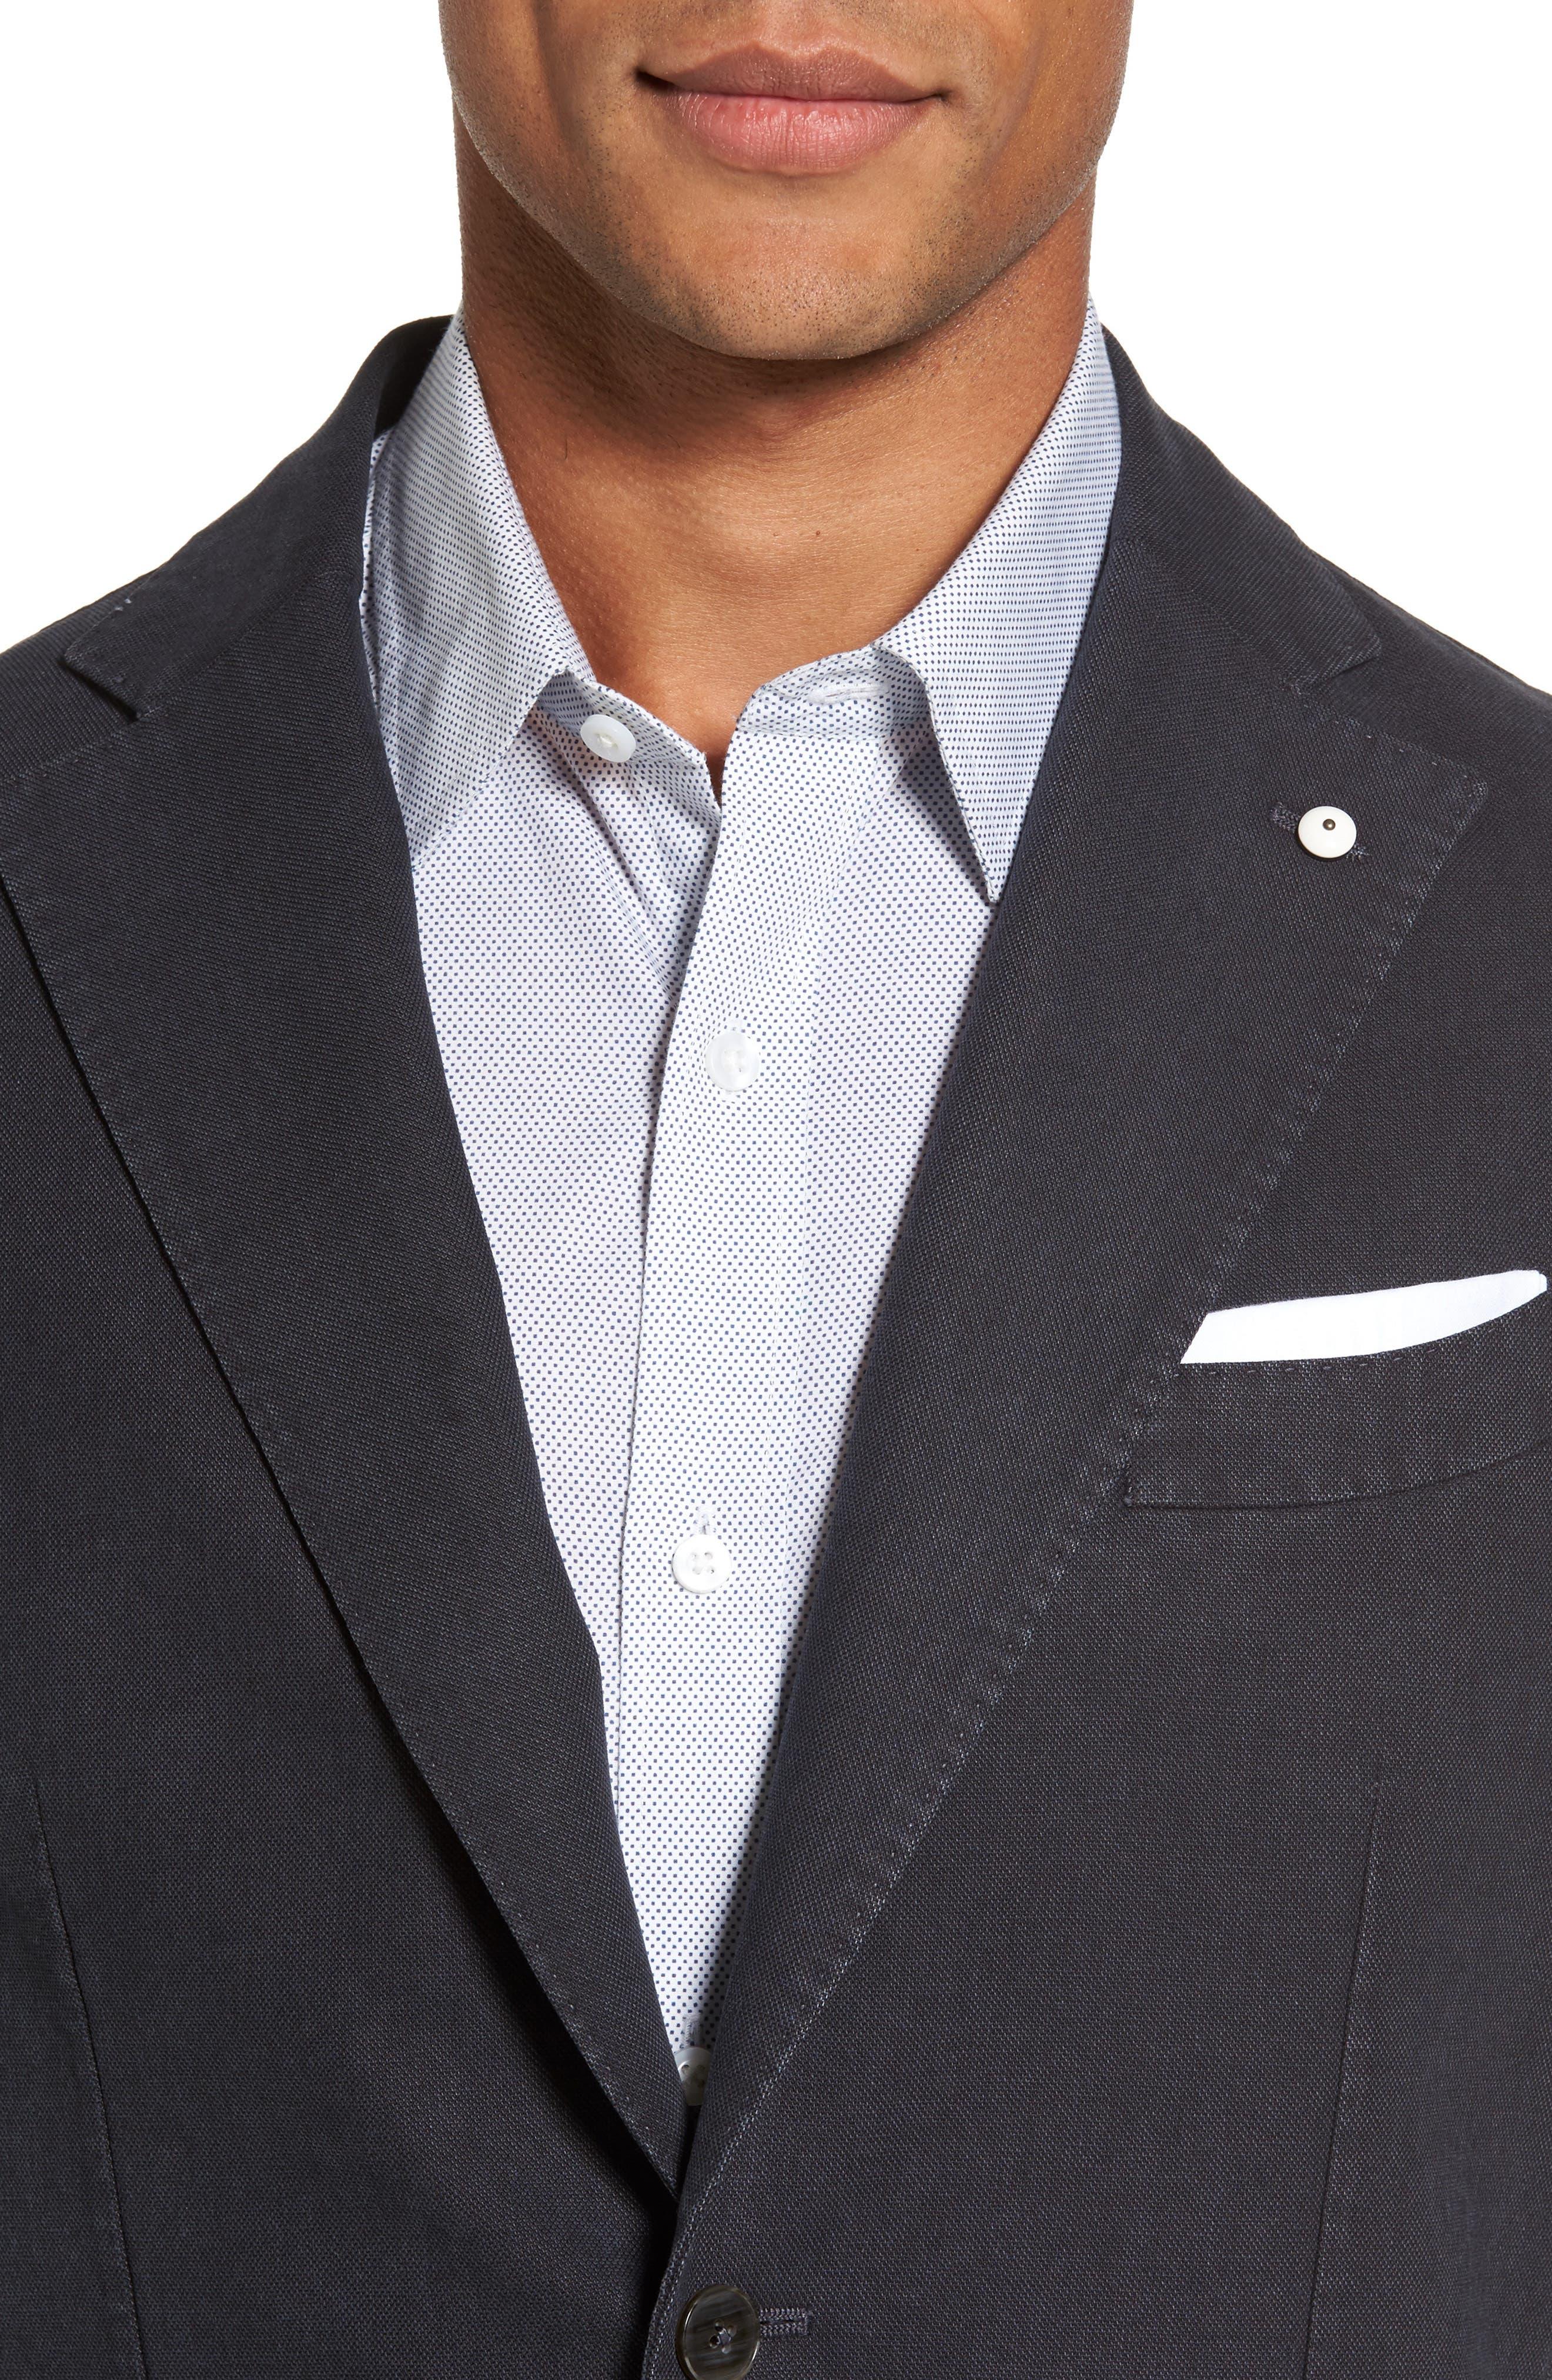 Classic Fit Cotton Blend Blazer,                             Alternate thumbnail 4, color,                             001